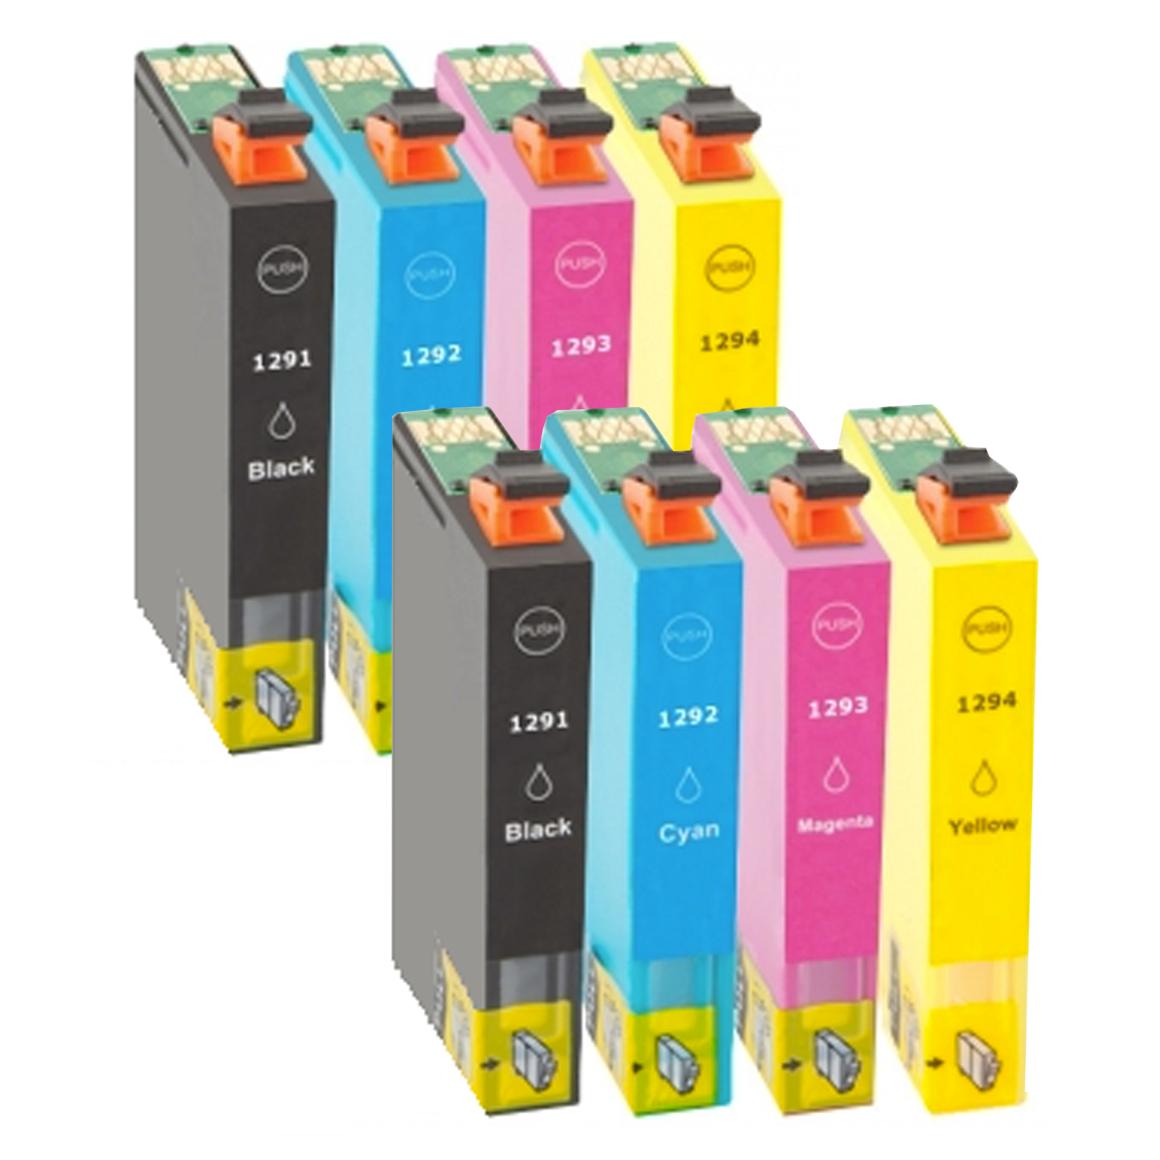 Afbeelding van 2x Epson T1295 Voordeelbundel (huismerk inktcartridges)